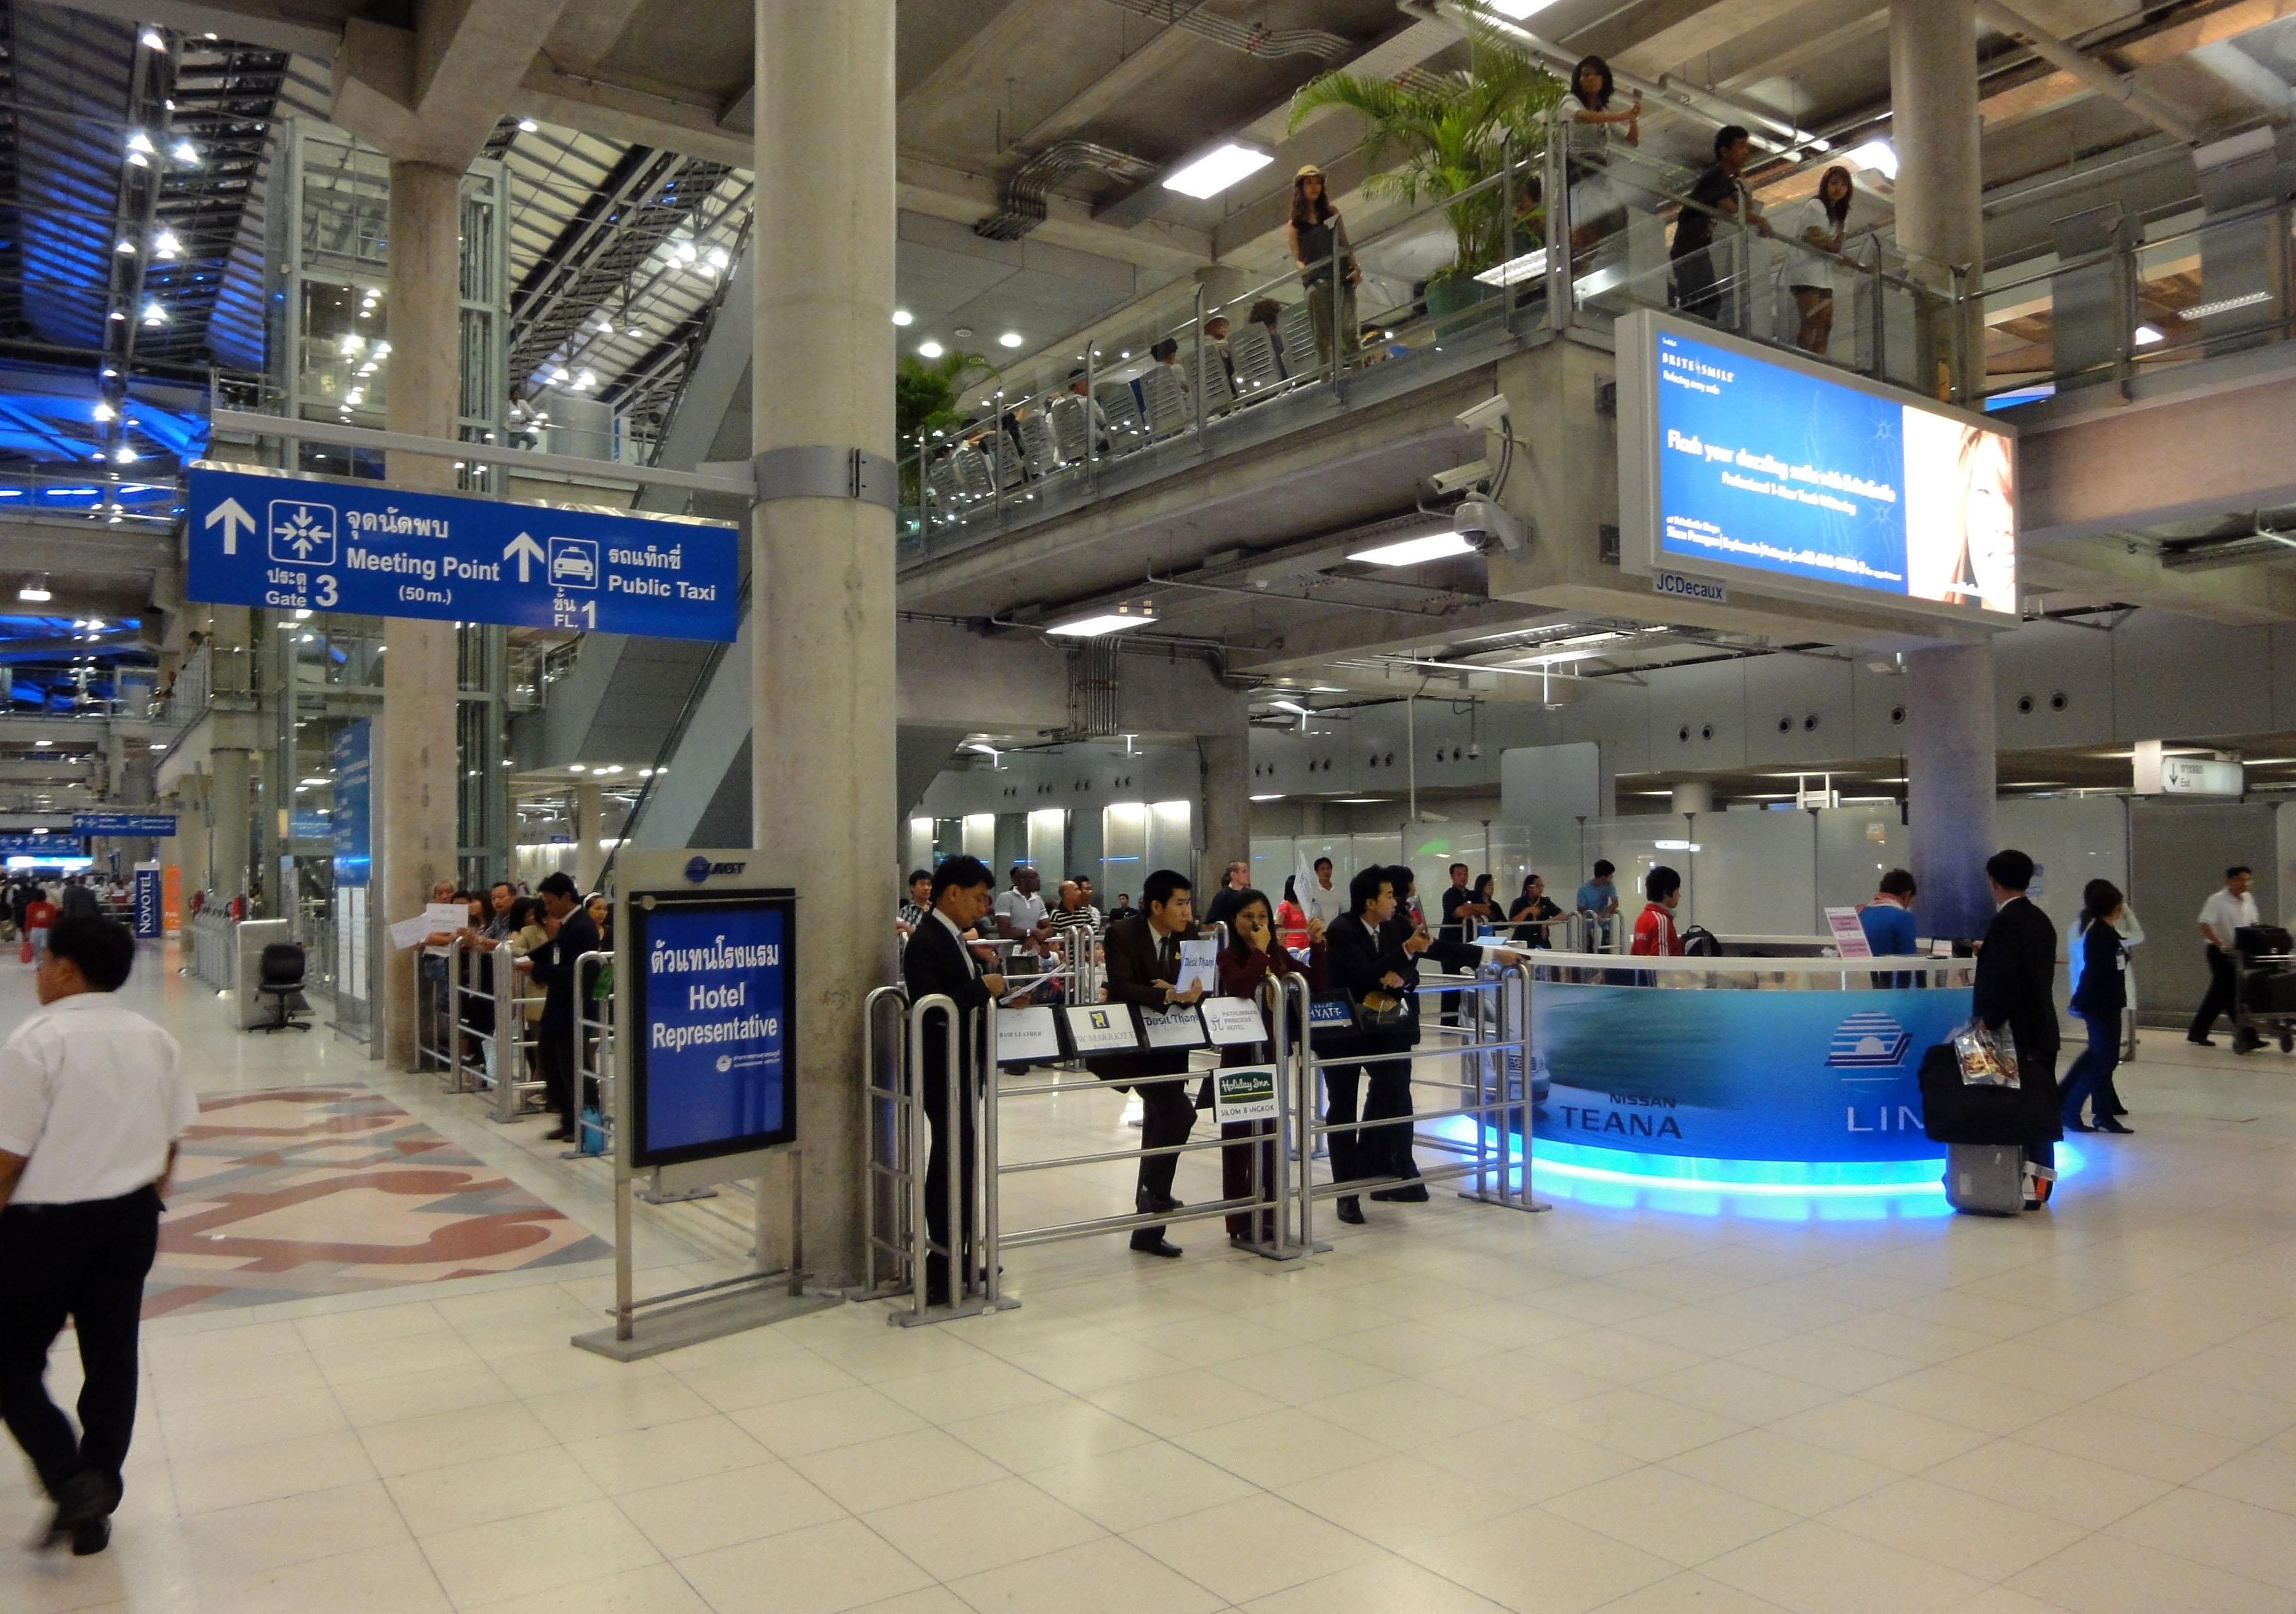 Passenger Terminal Suvarnabhumi Airport Thailand 2009 03